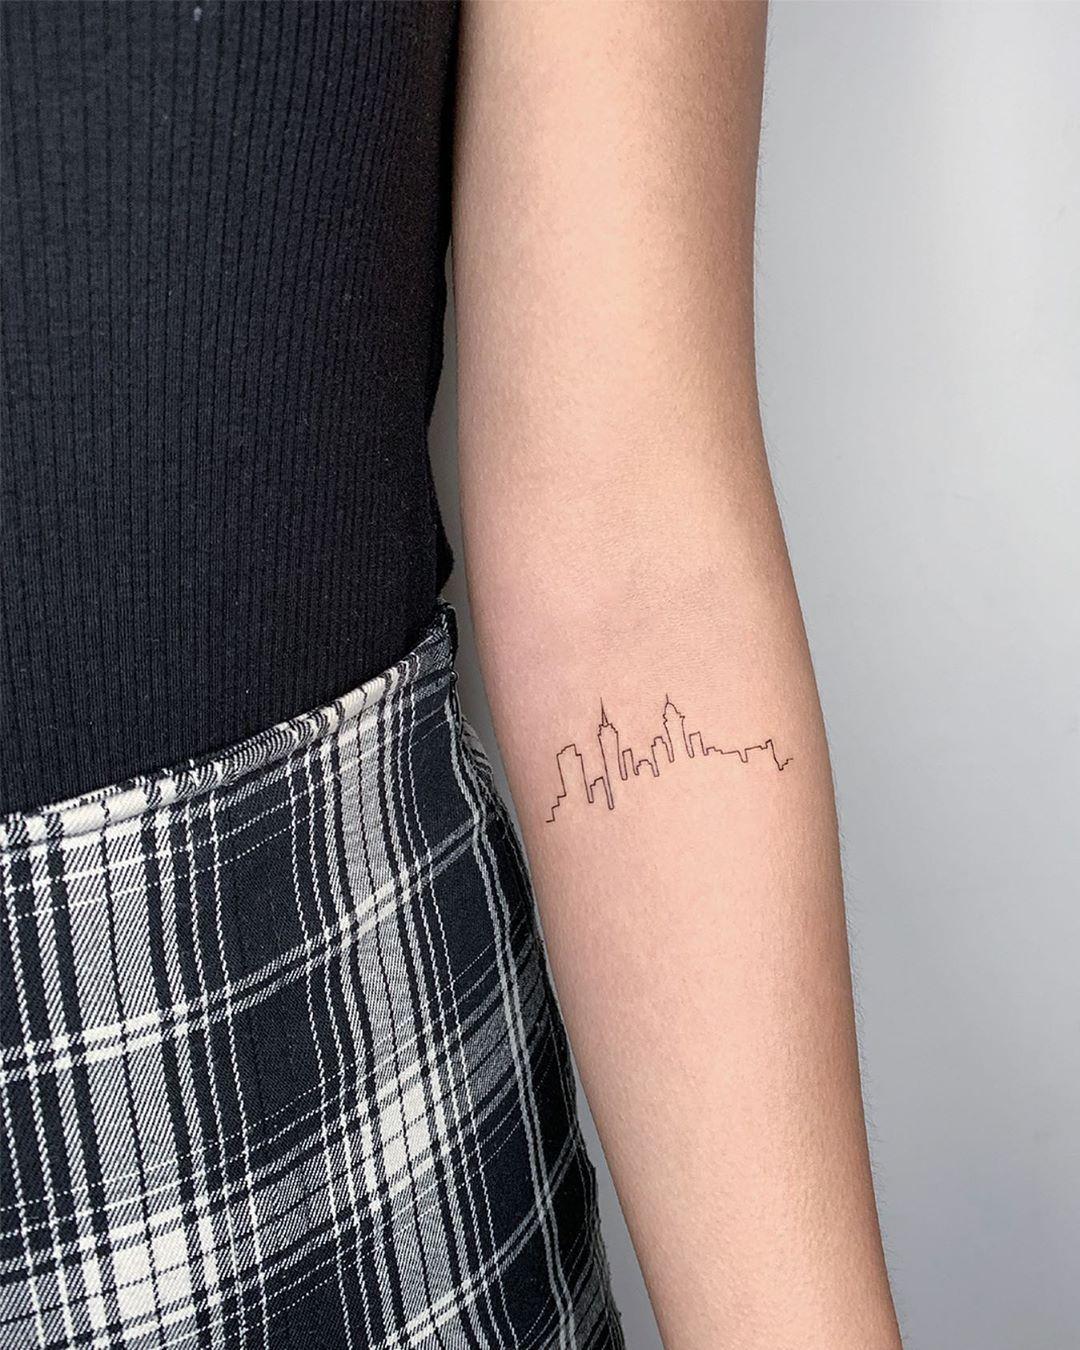 Pin By Jean Lothian On Tattoos Nyc Tattoo New York Tattoo Ink Tattoo